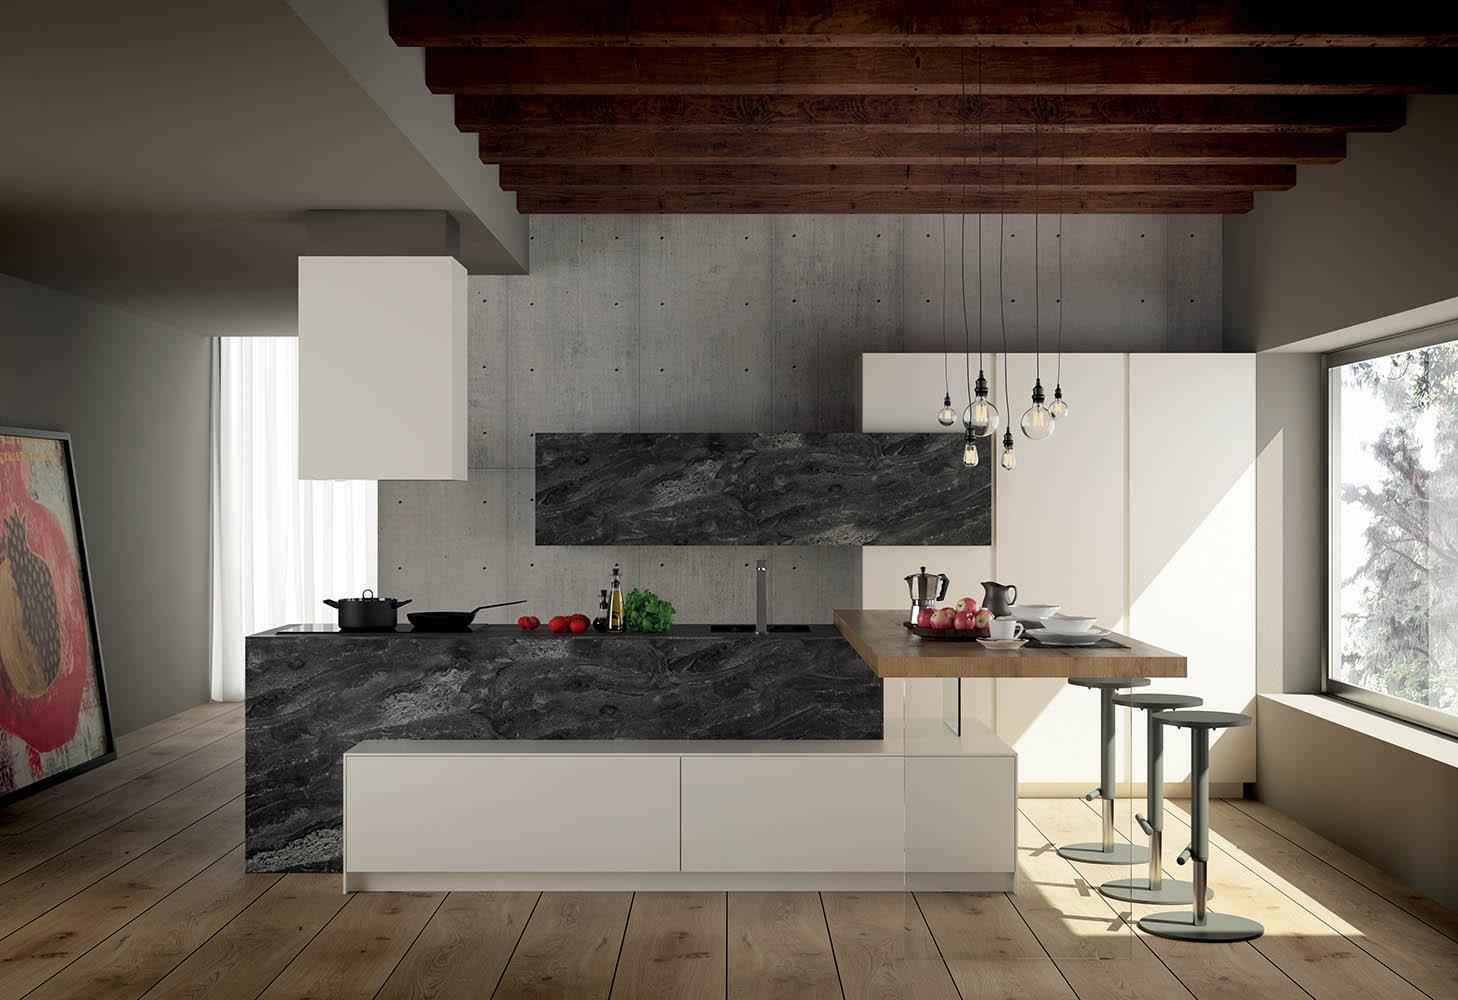 Cucine Moderne Con L Isola.Cucine Con Isola Scegli Lo Stile Moderno Per La Tua Cucina